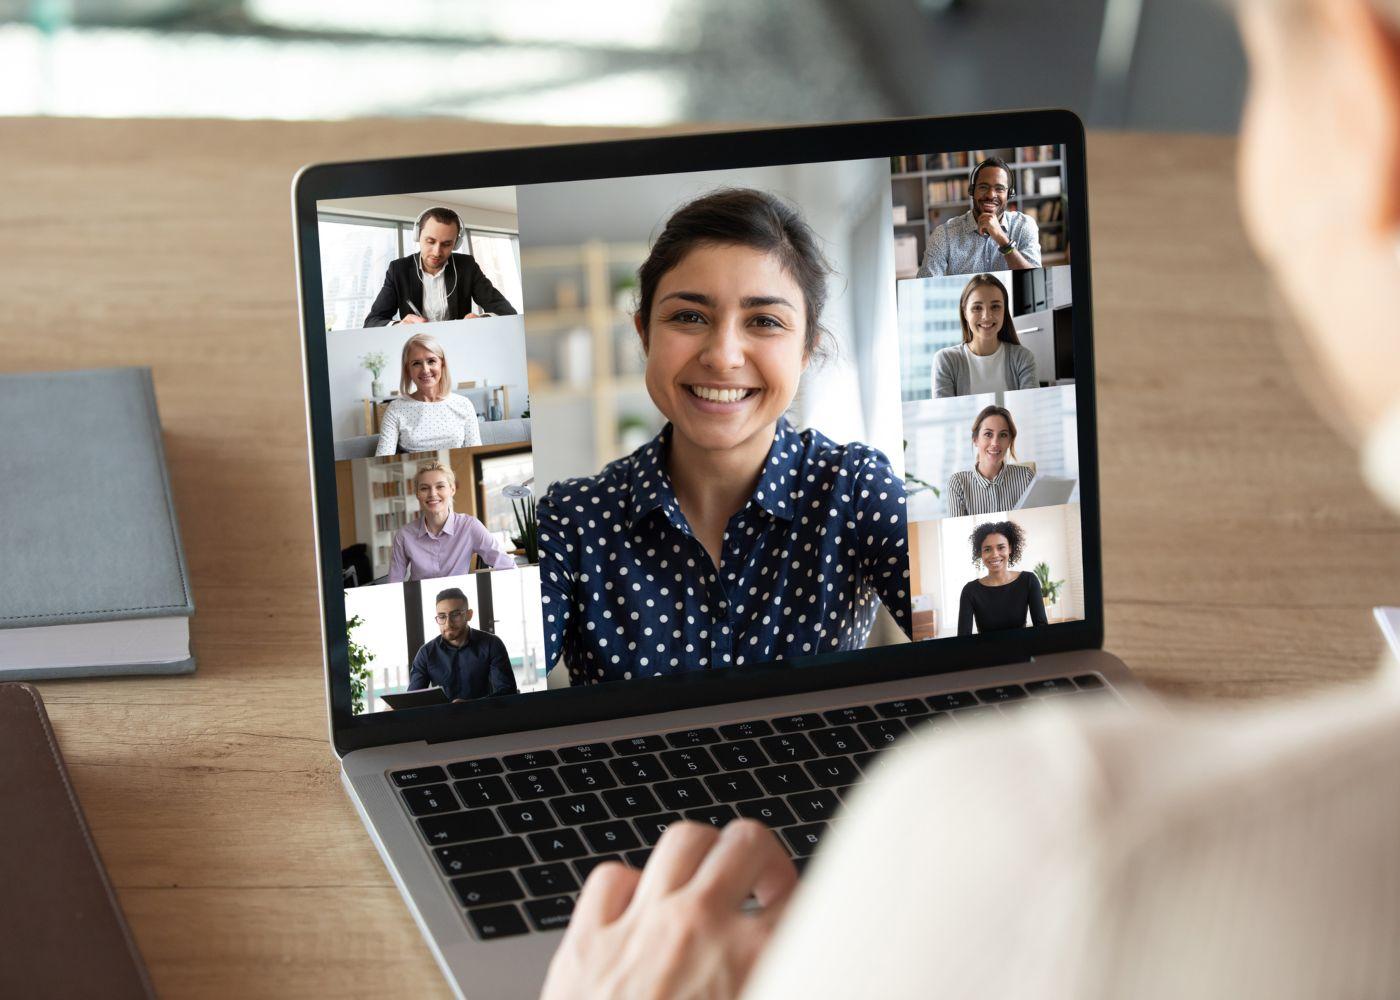 bom ambiente de trabalho em reunião virtual